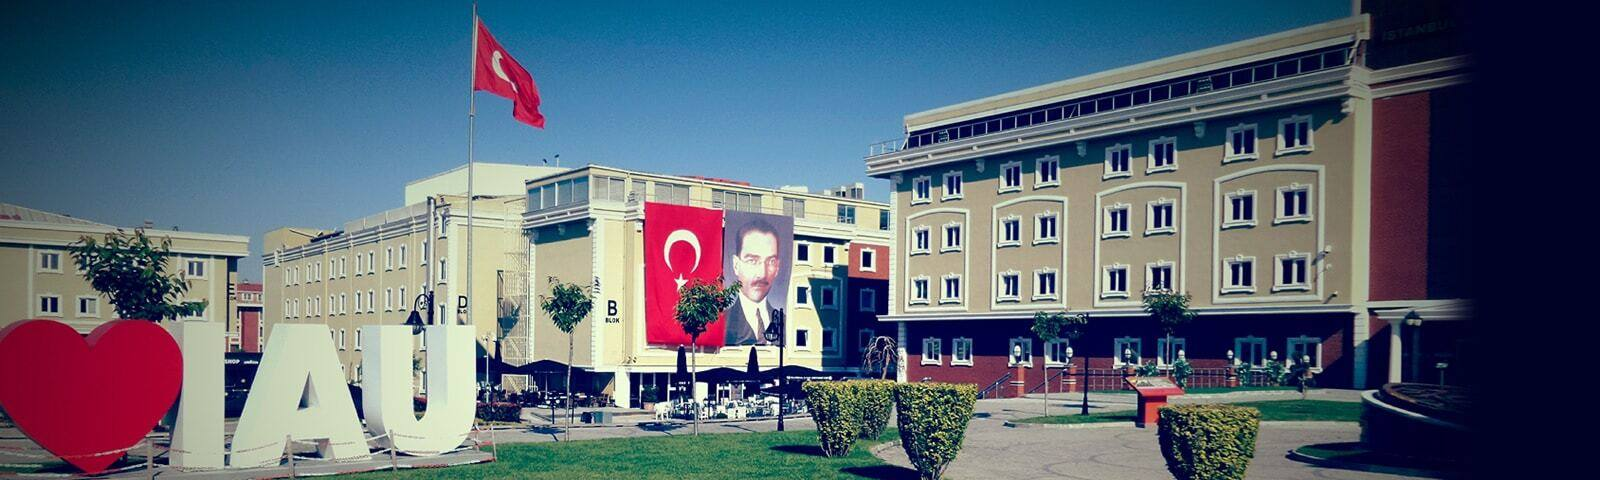 Aydın Üniversitesi Yabancı Diller Yüksekokulu